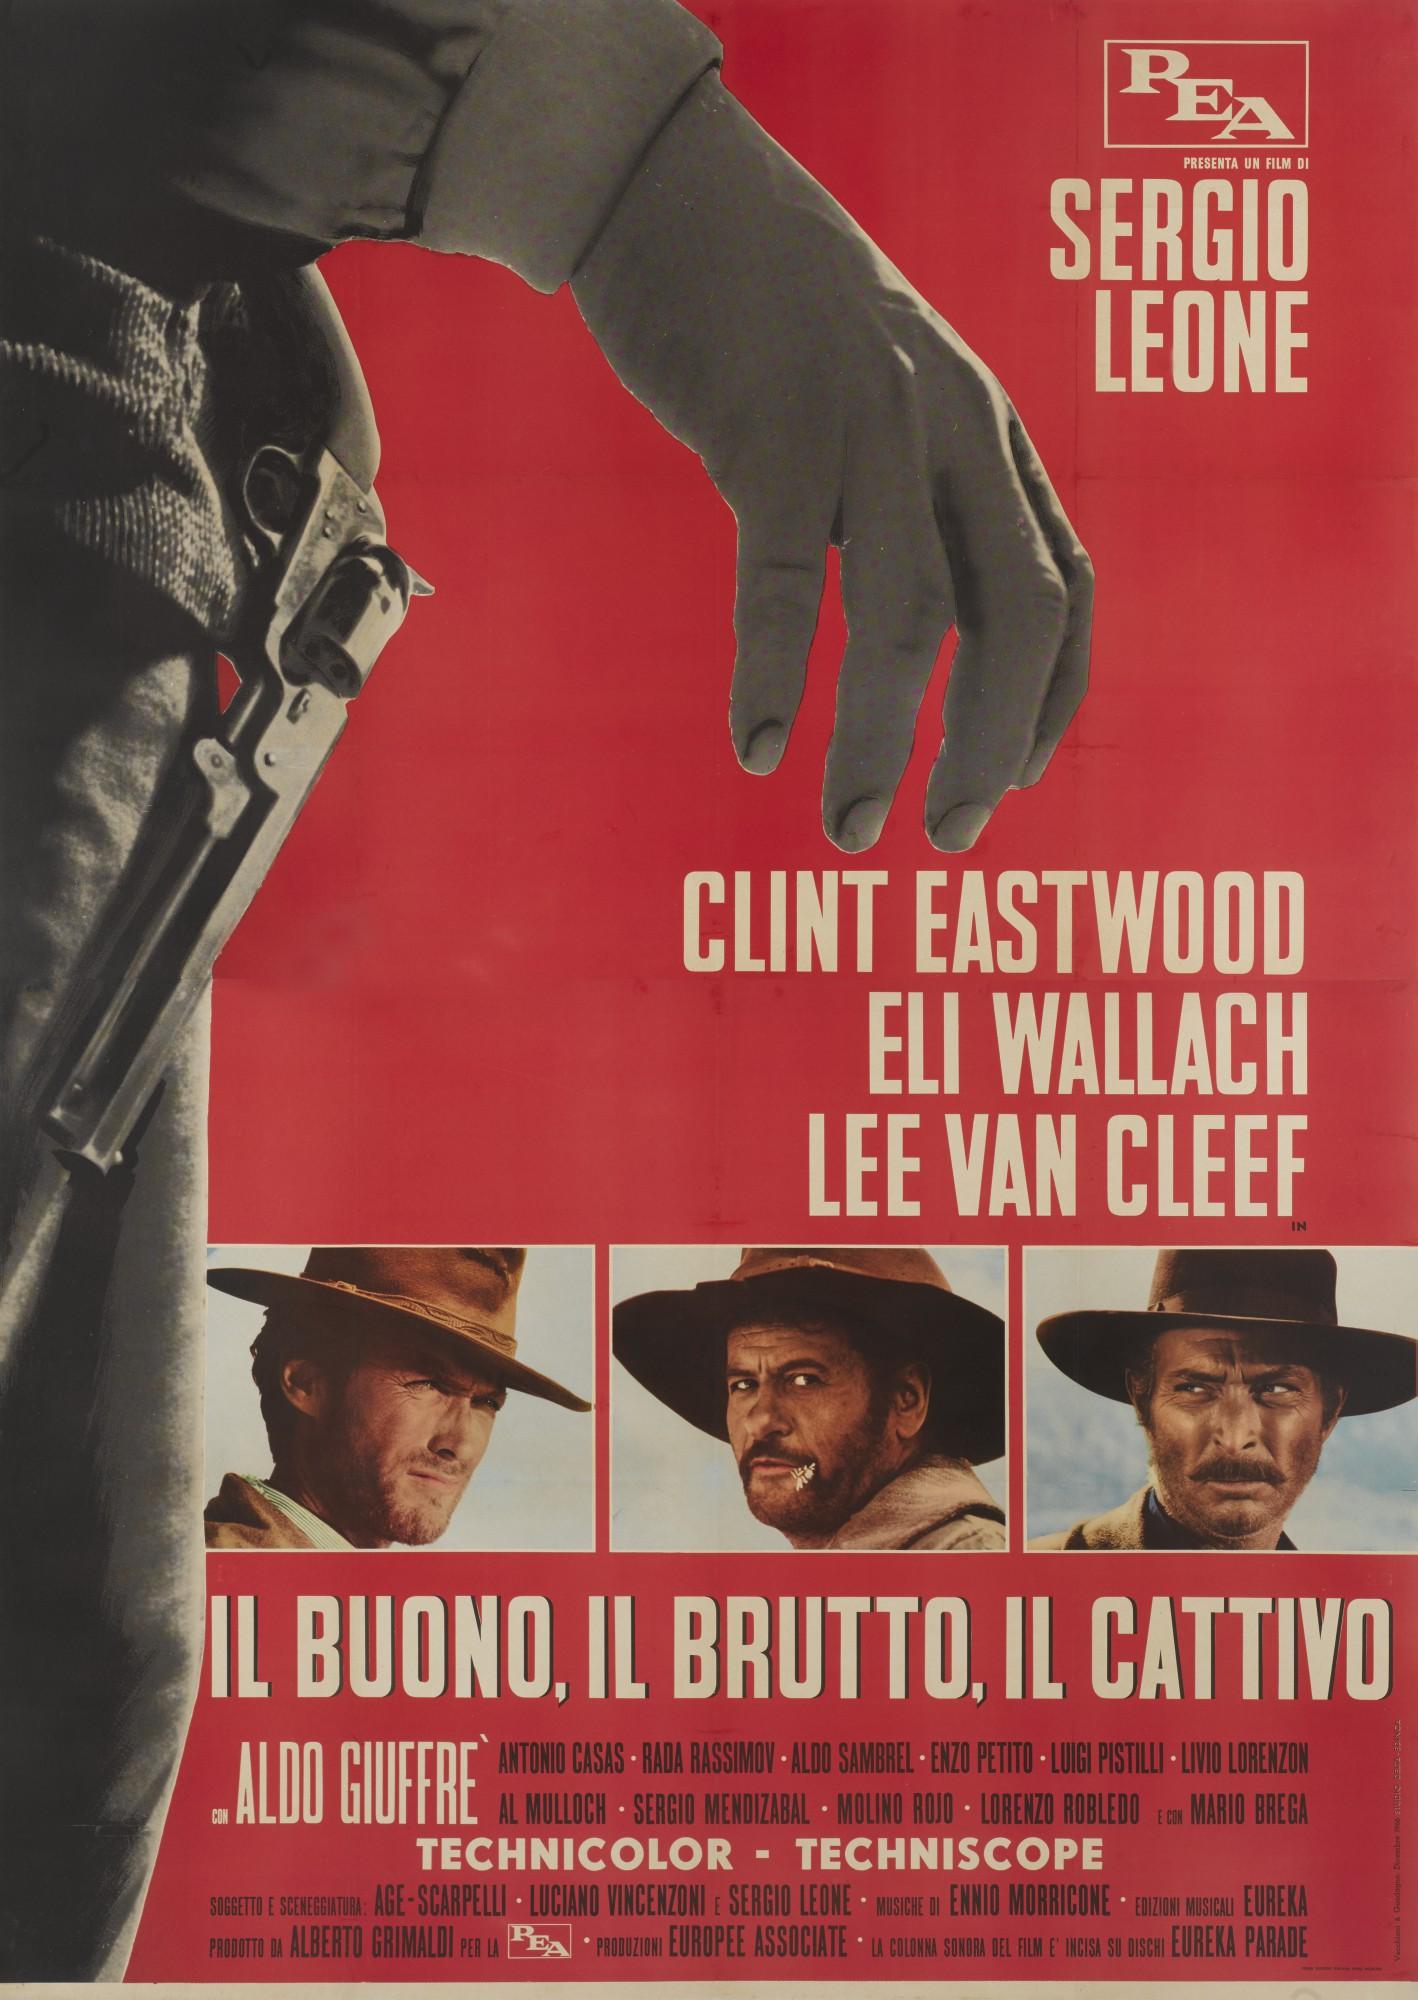 IL BUONO IL BRUTTO IL CATTIVO/THE GOOD, THE BAD AND THE UGLY (1966) POSTER, ITALIAN